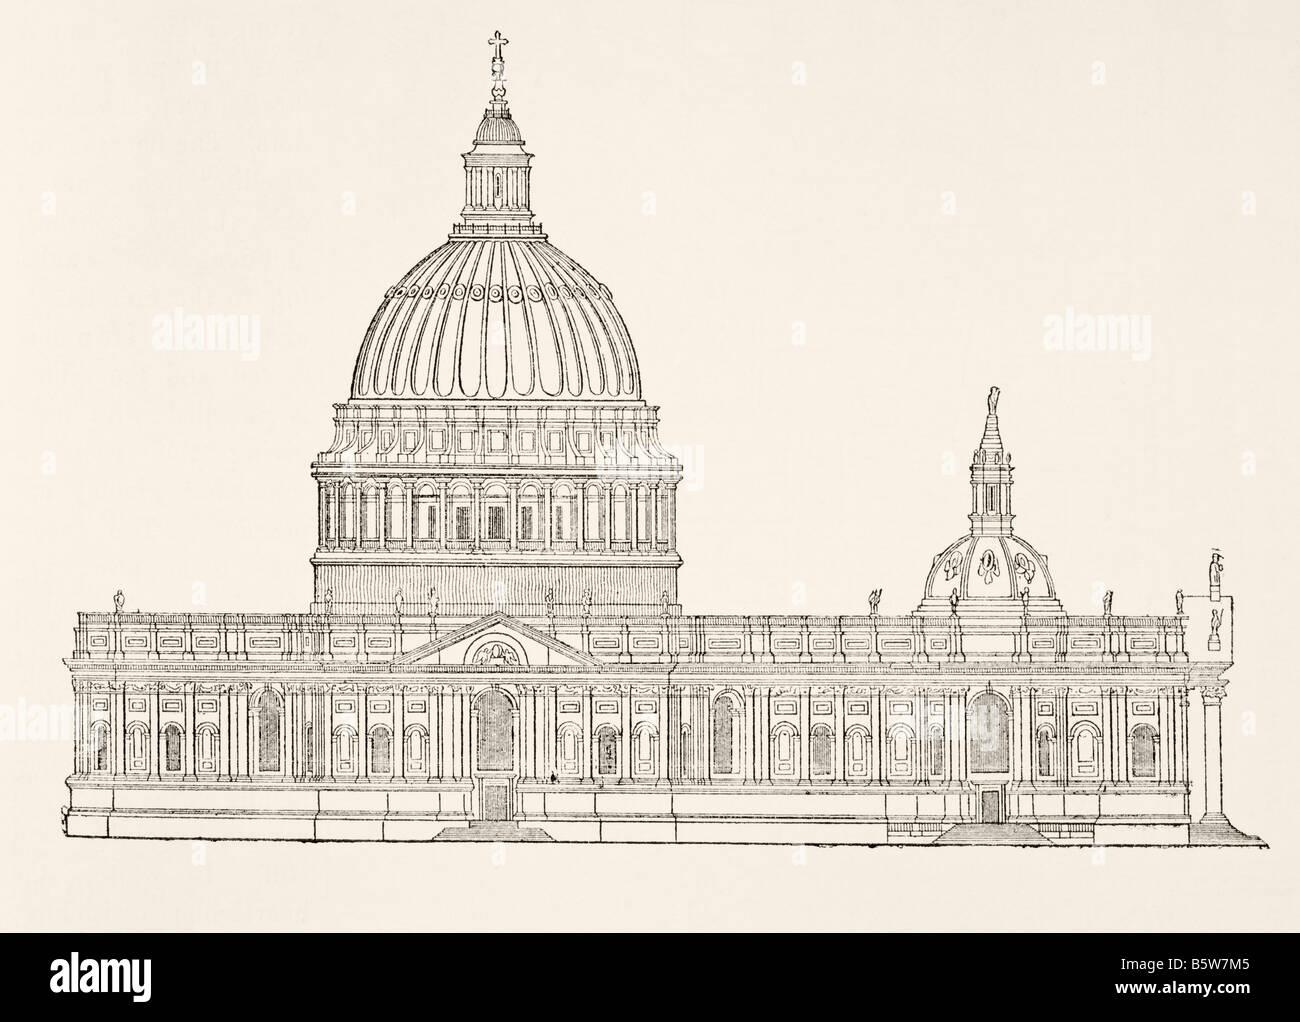 Christopher Wren s erster Entwurf für den neuen St Paul s Cathedral nach dem großen Brand von London Stockbild